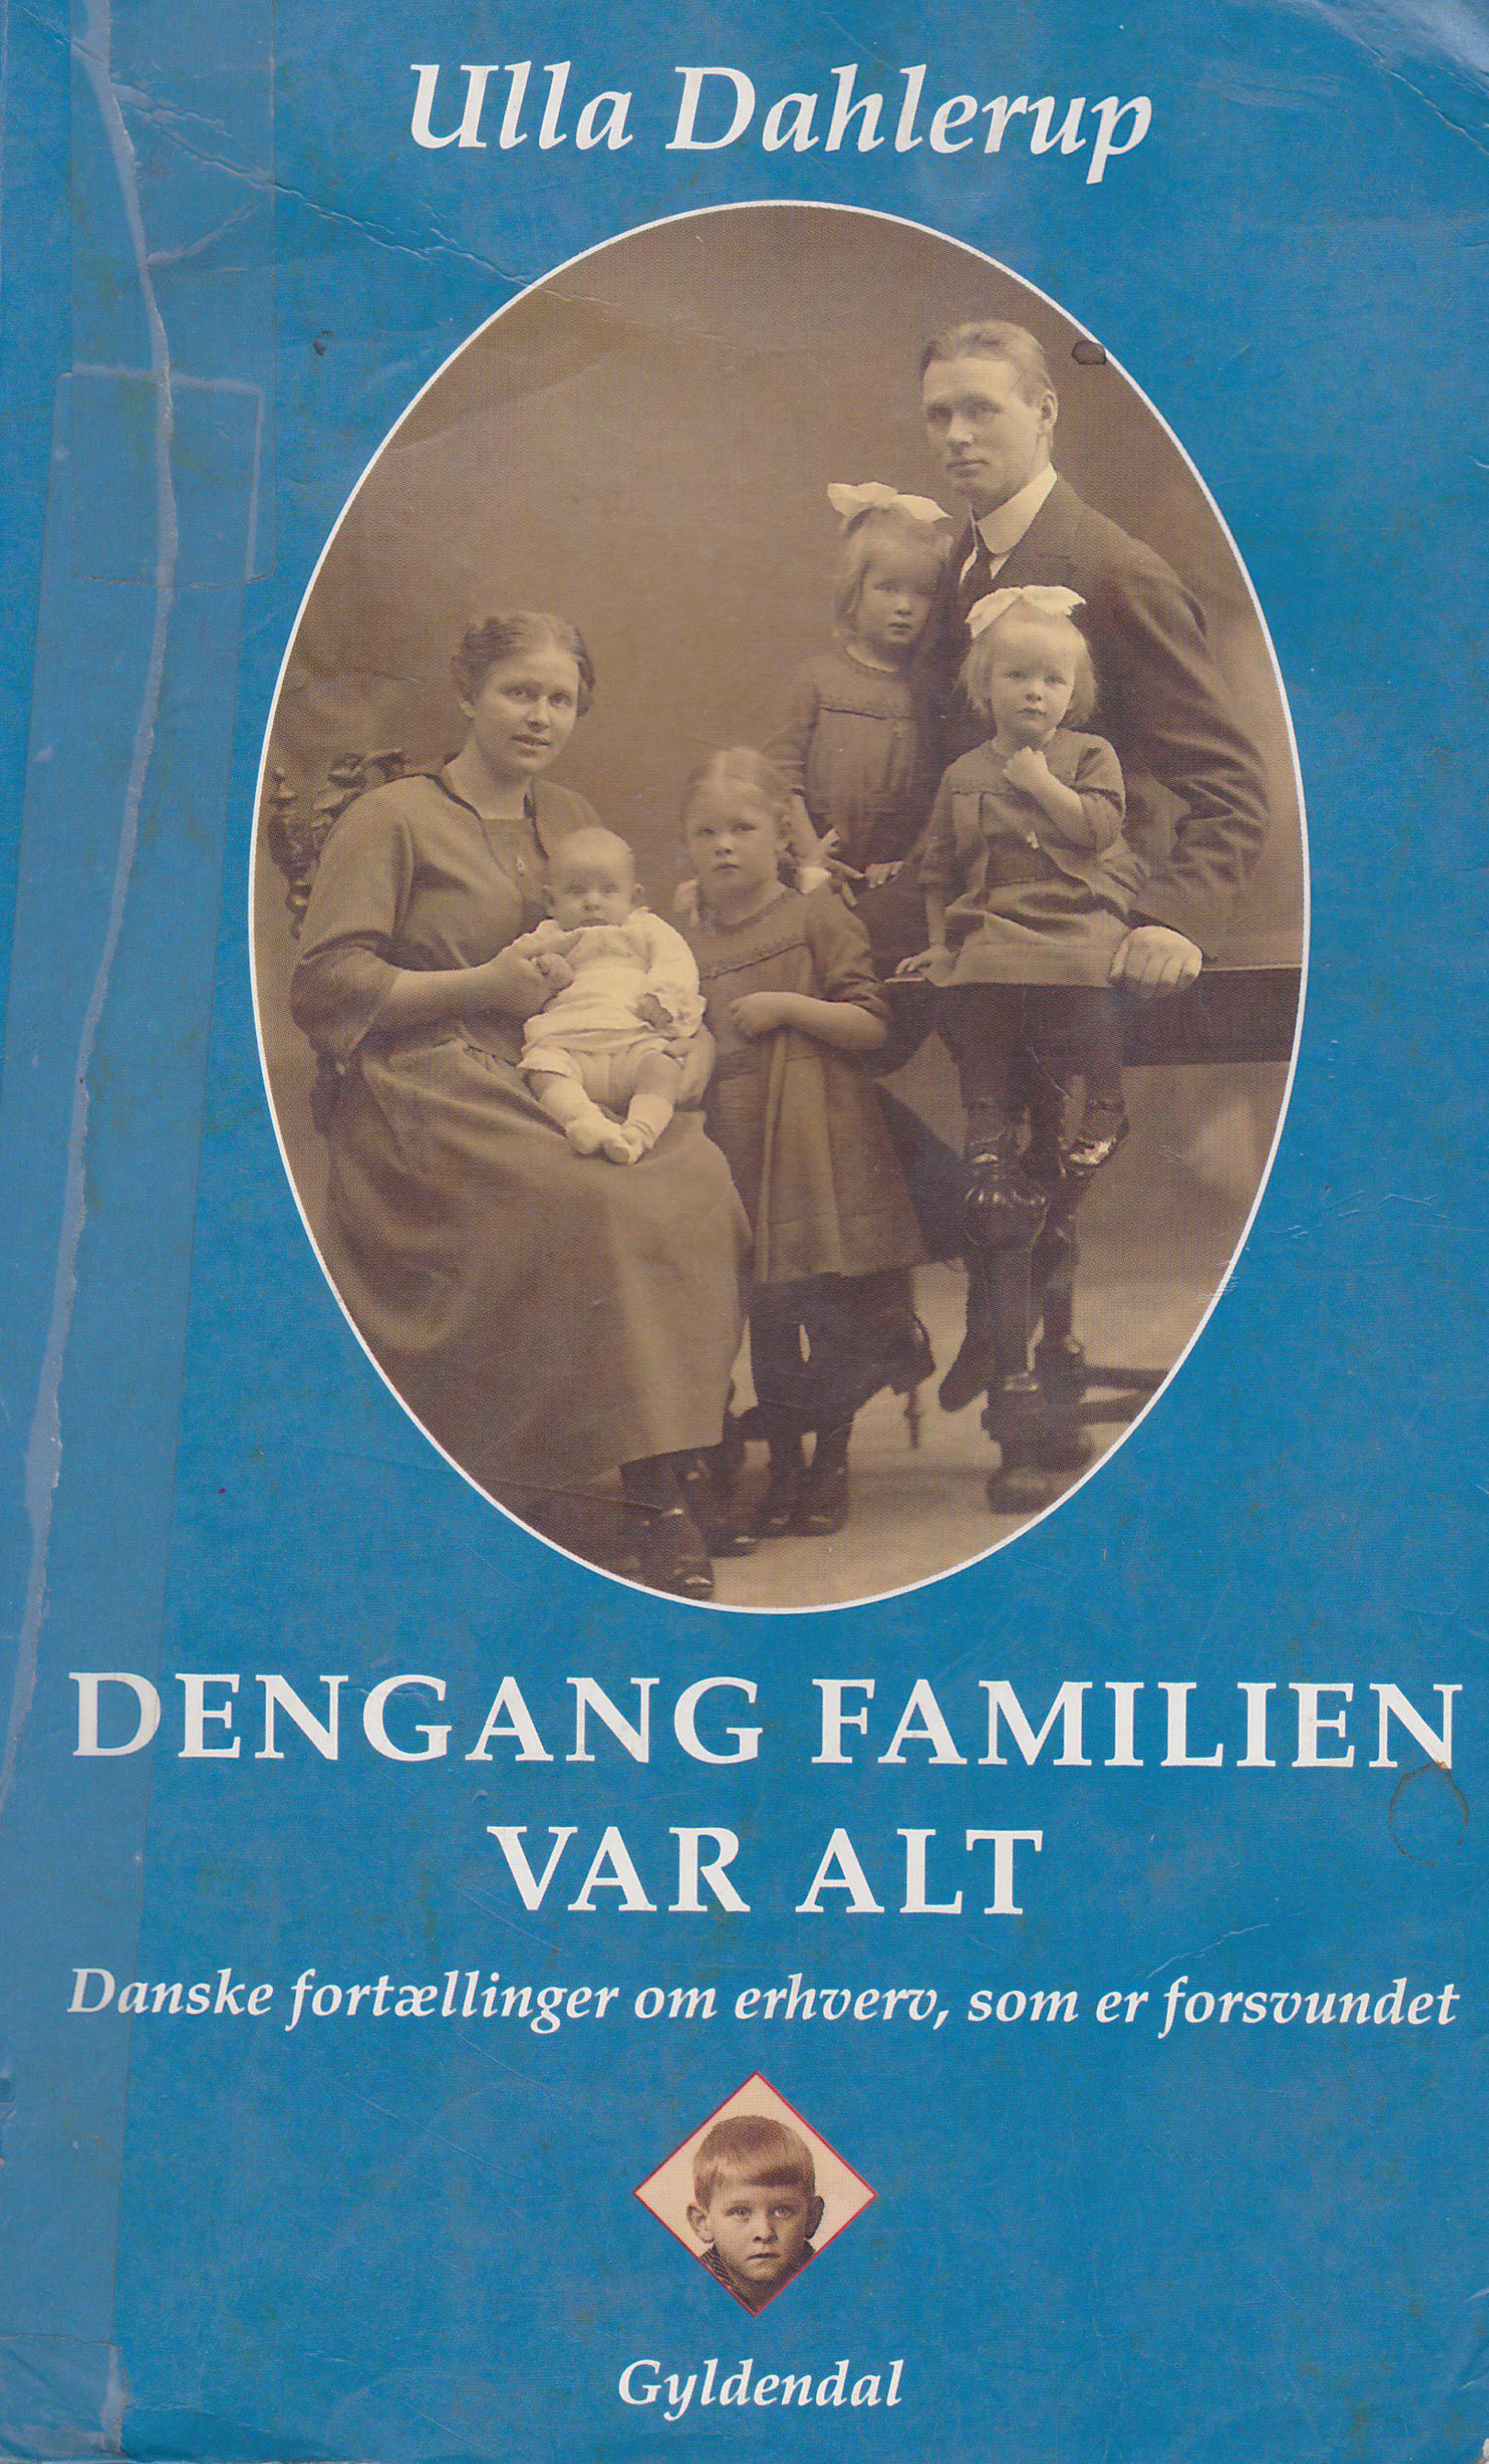 Dengang familien var alt